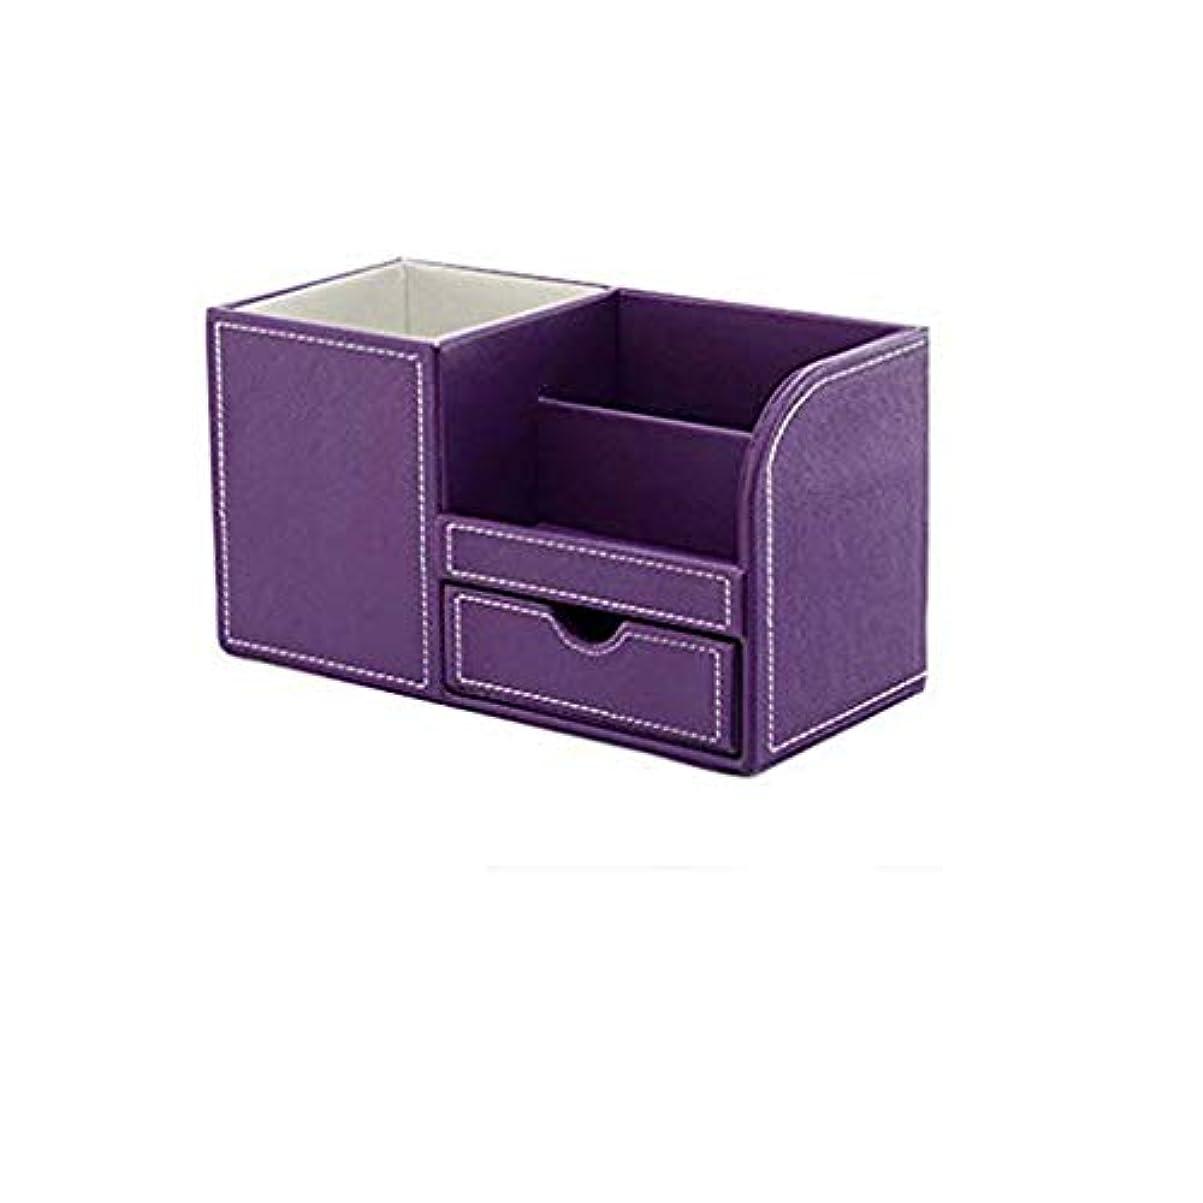 共和党デザイナー証明多機能収納ボックスペンホルダーオフィス文具デスクトップ事務用品ペンホルダー (Color : Purple)